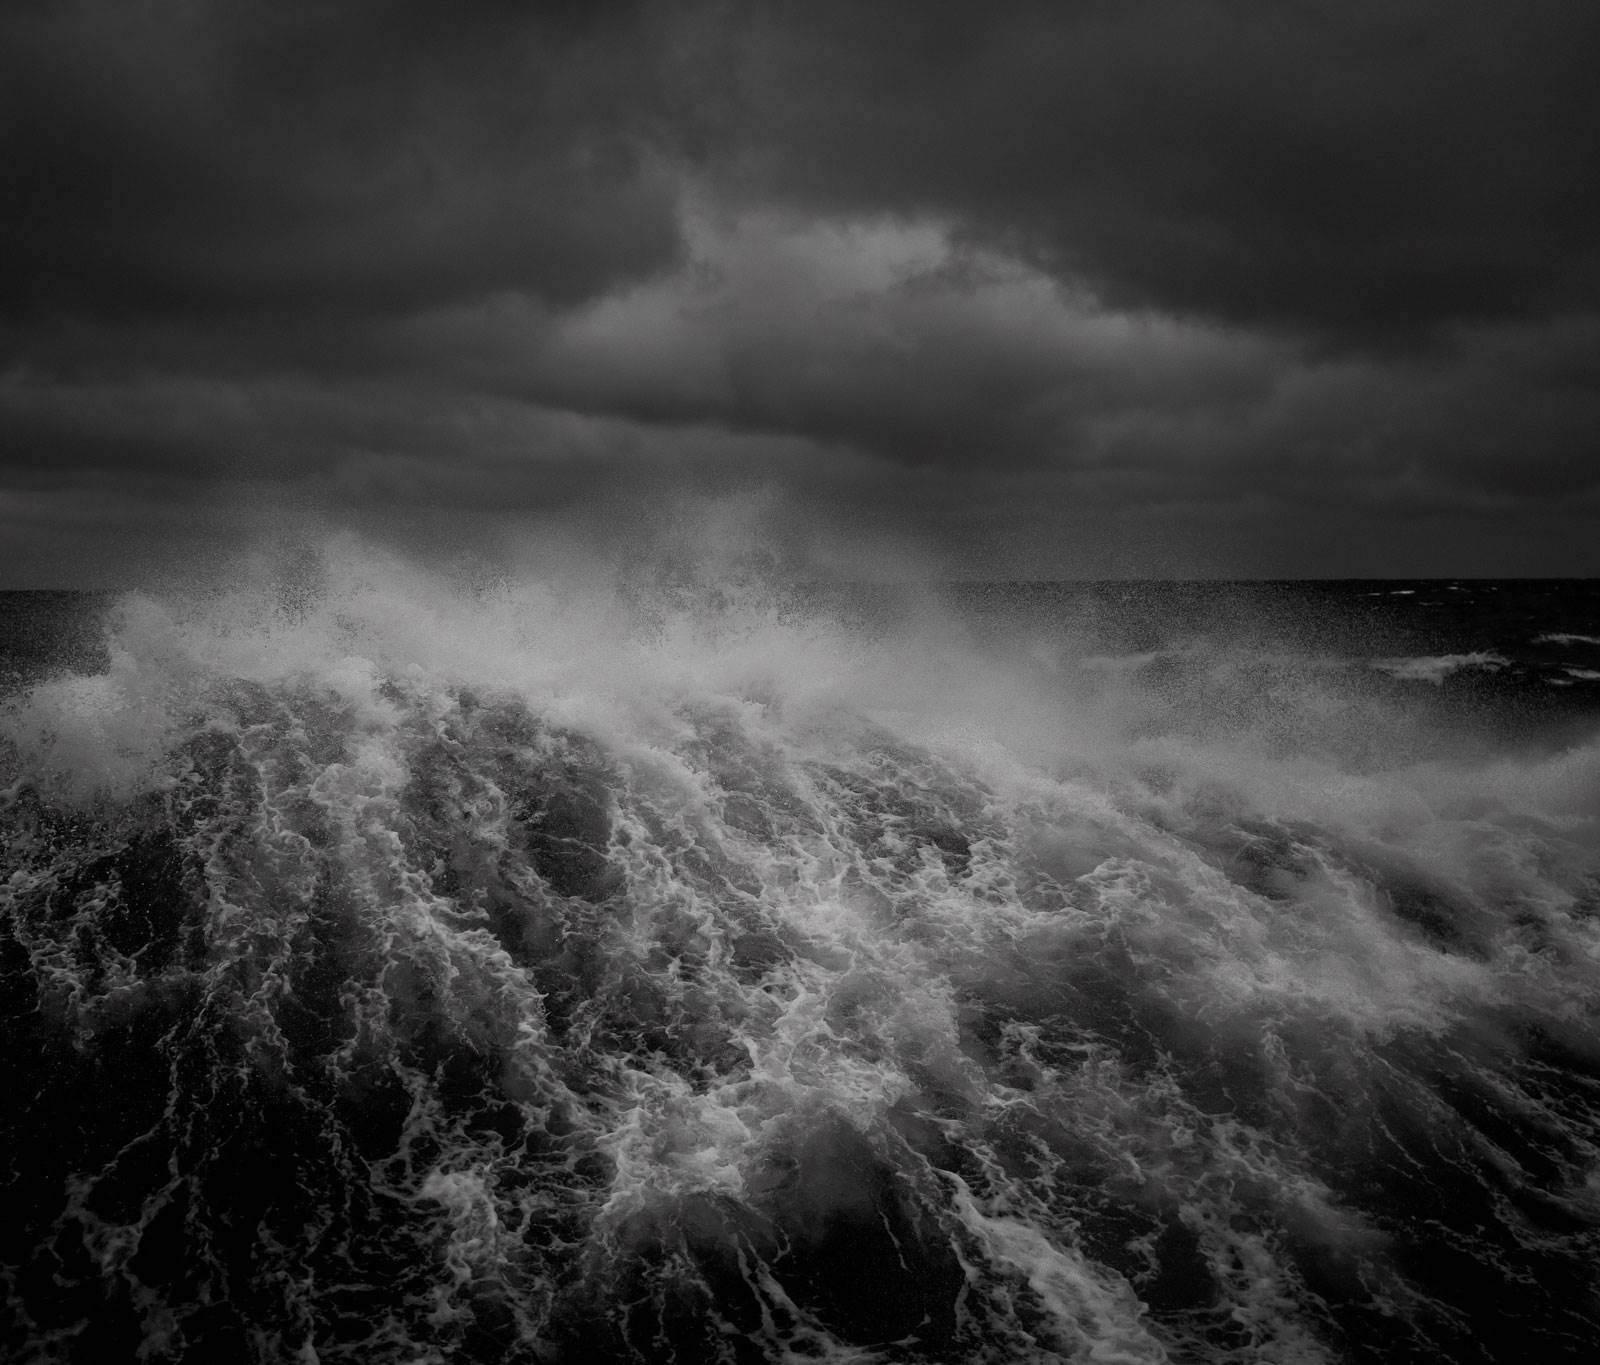 Hurricane170813.jpg